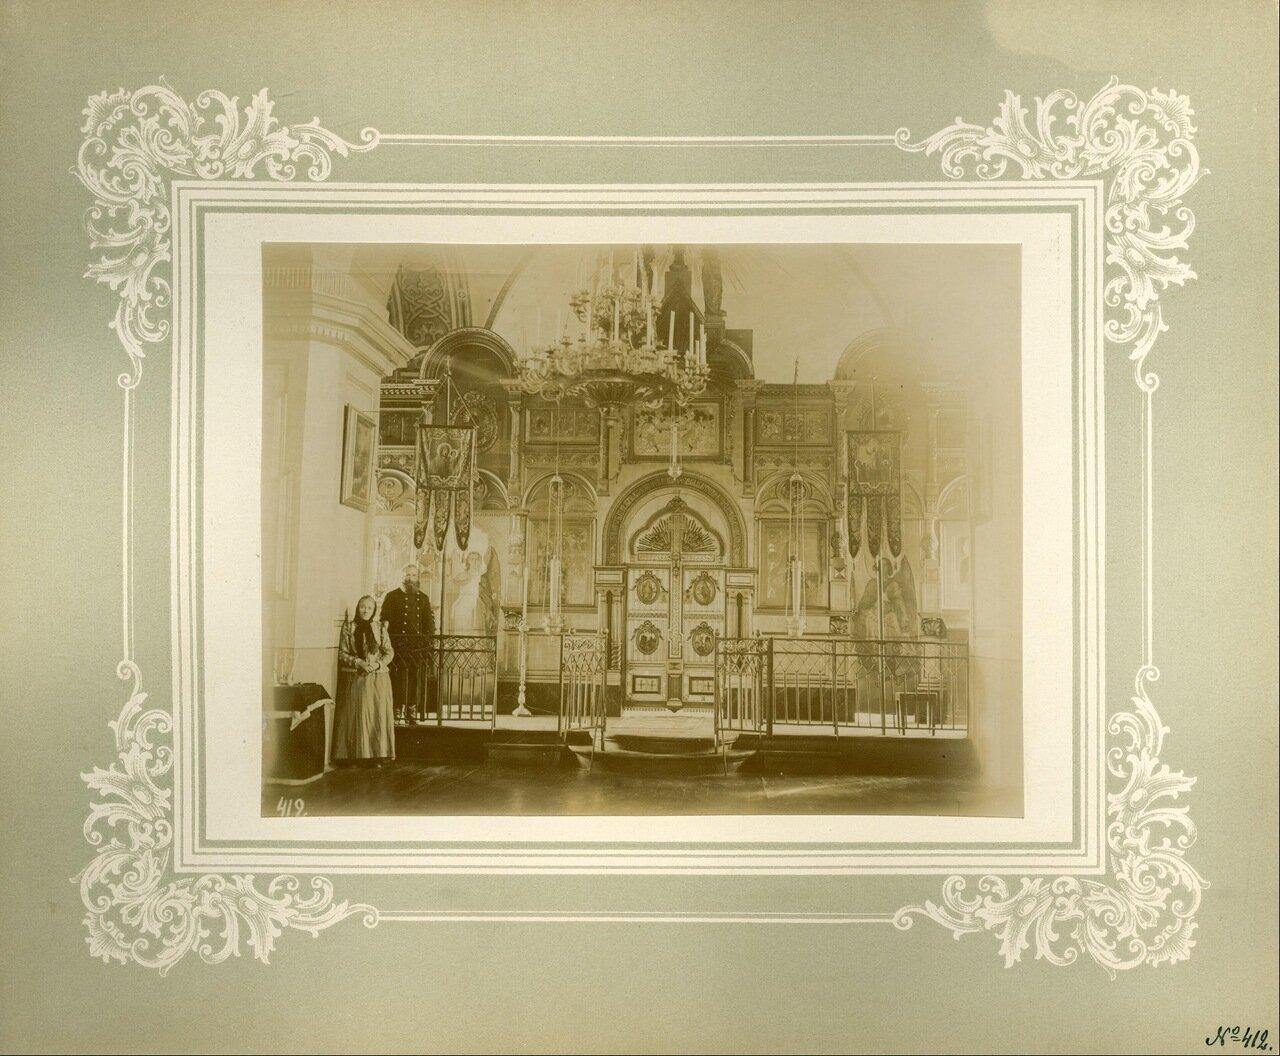 Иконостас церкви Божией Матери Всех скорбящих Радость над Святыми вратами